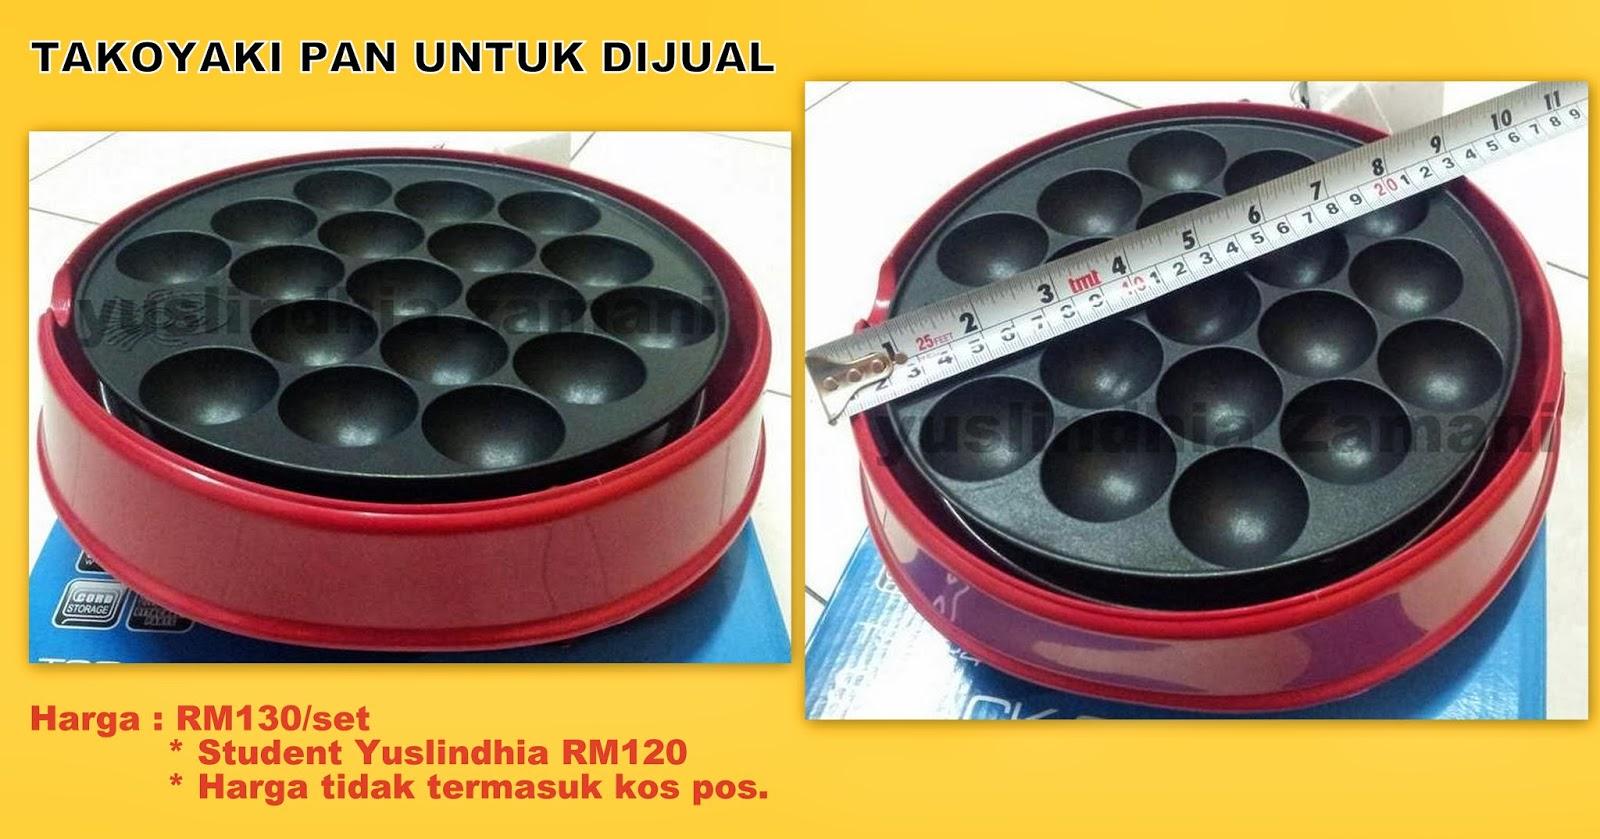 Pan Takoyaki Untuk Dijual Rm130 Set Utk Student Yg Pernah Join Kelas Dengan Yuslindhia Zamani Hanya Rm120